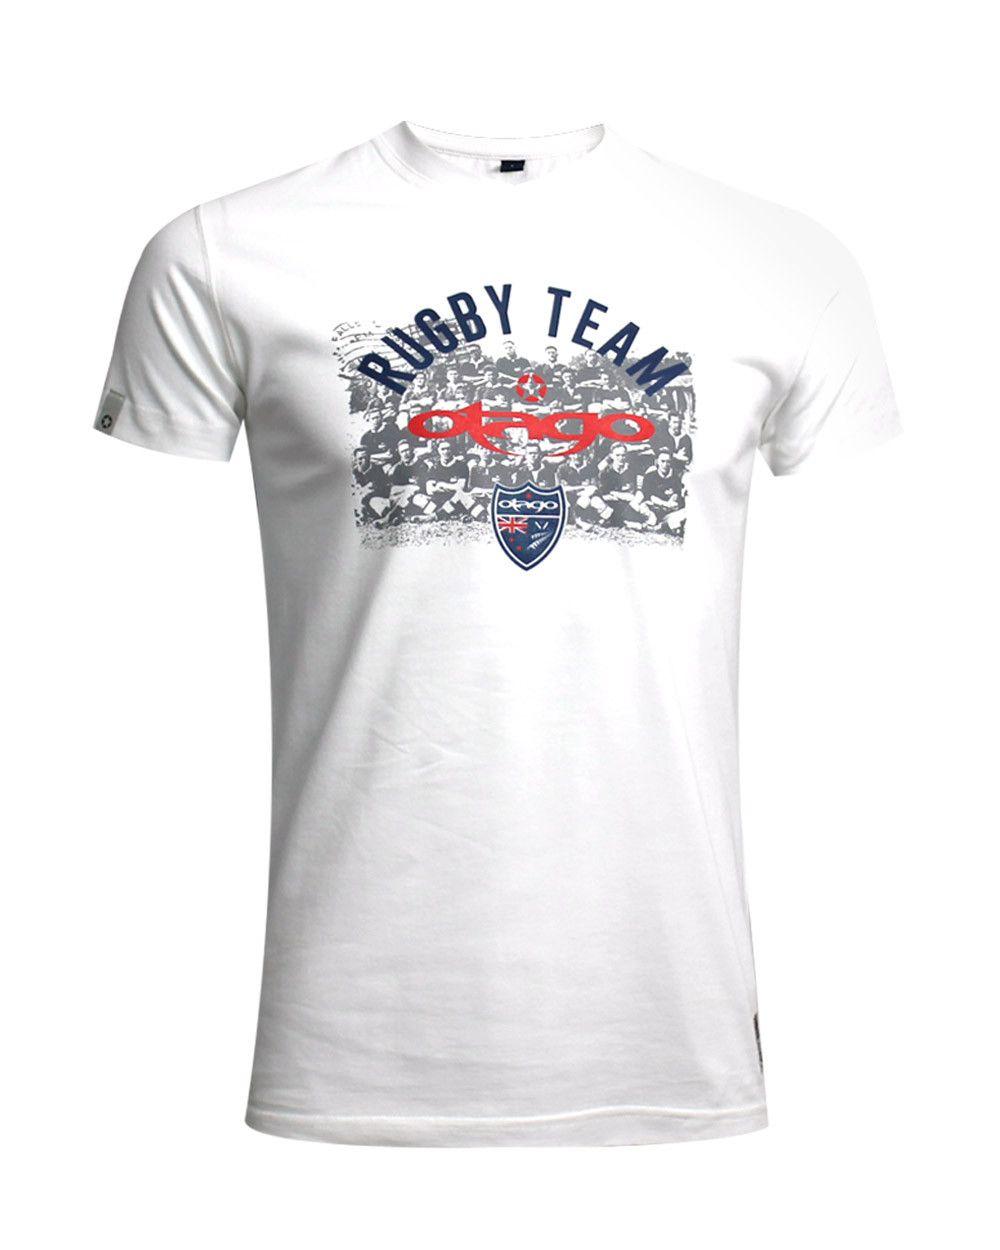 Tshirt Burns Teamy Otago rugby écru homme